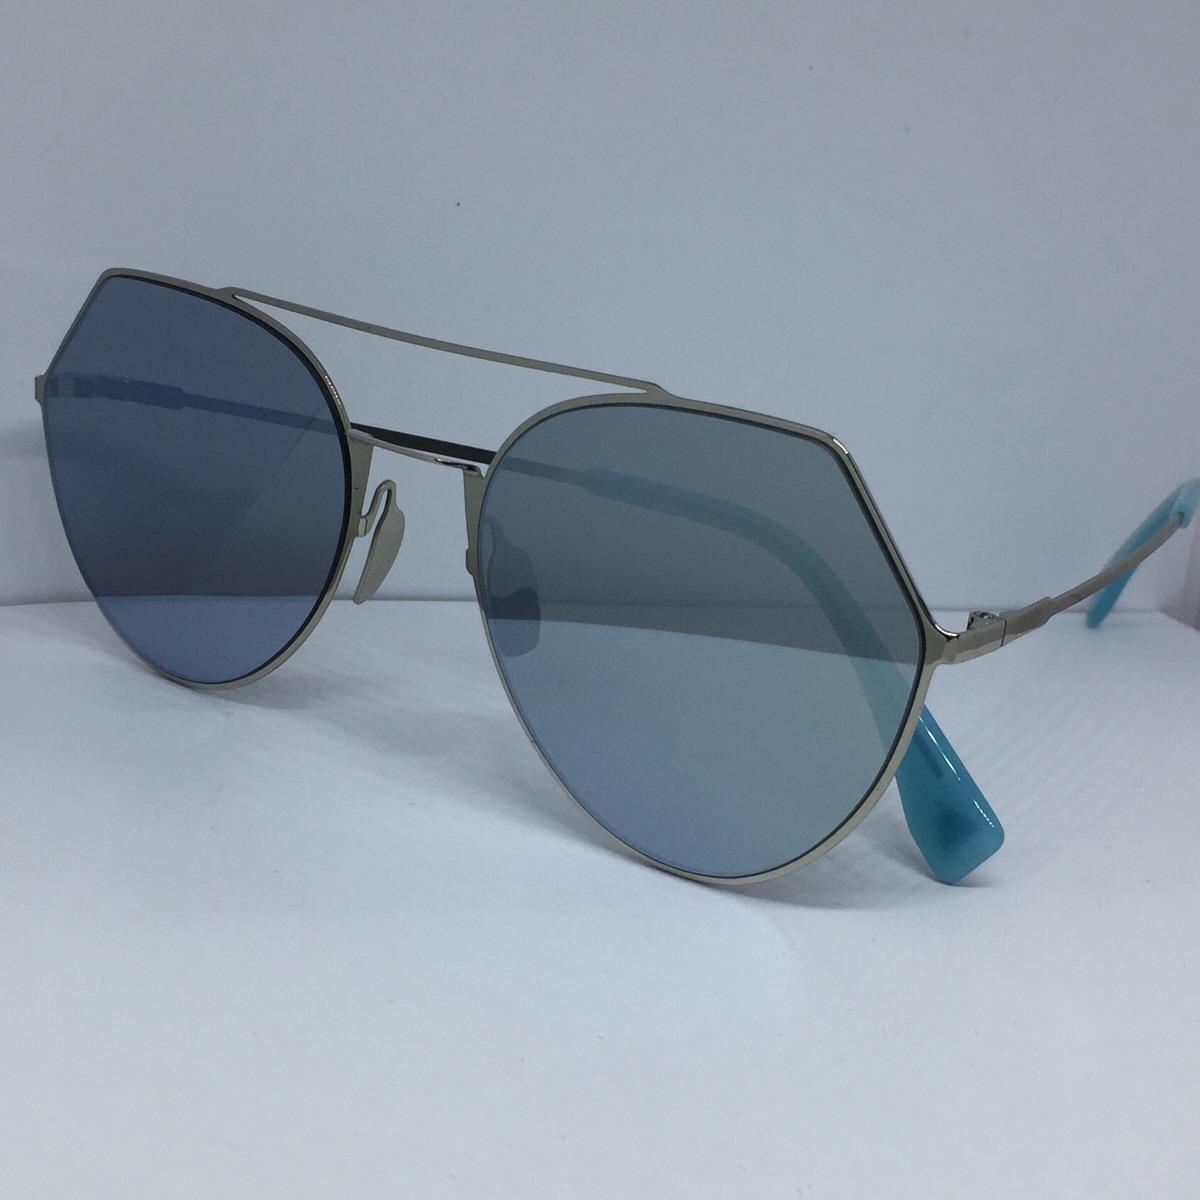 Óculos Fendi Ff0194 Eyeline Azul - R  240,00 em Mercado Livre 4dee83932e